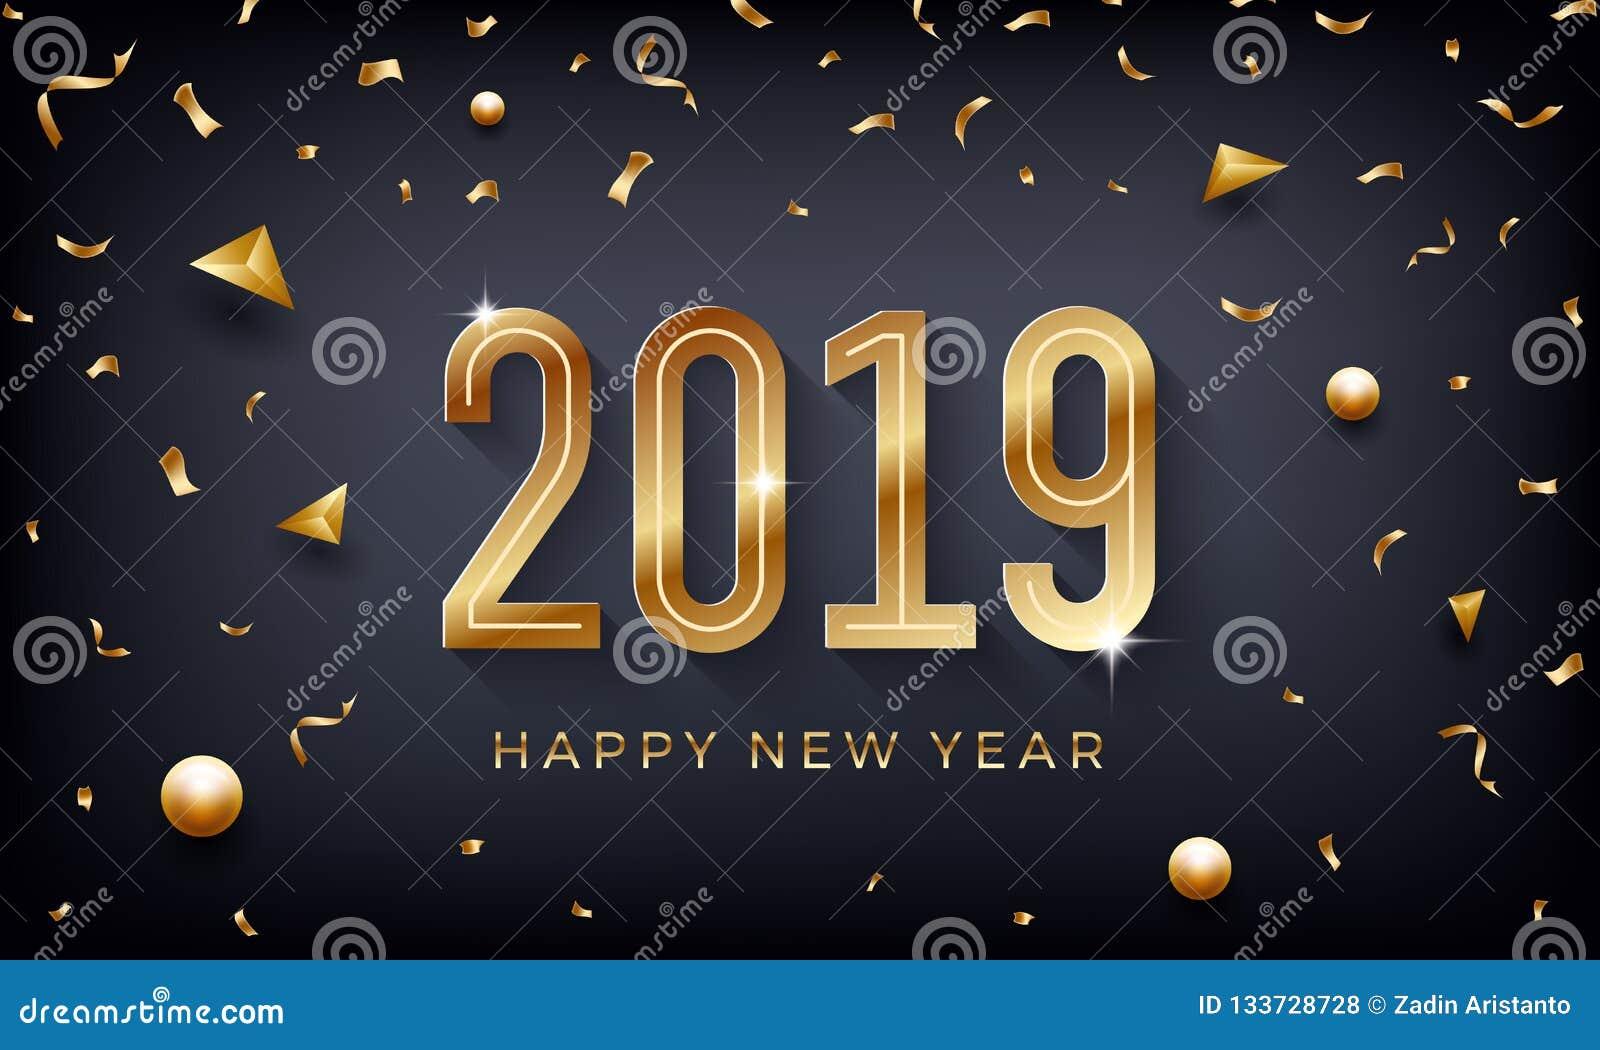 Feliz Año Nuevo 2019 Ejemplo abstracto creativo del vector con números de oro chispeantes en fondo oscuro